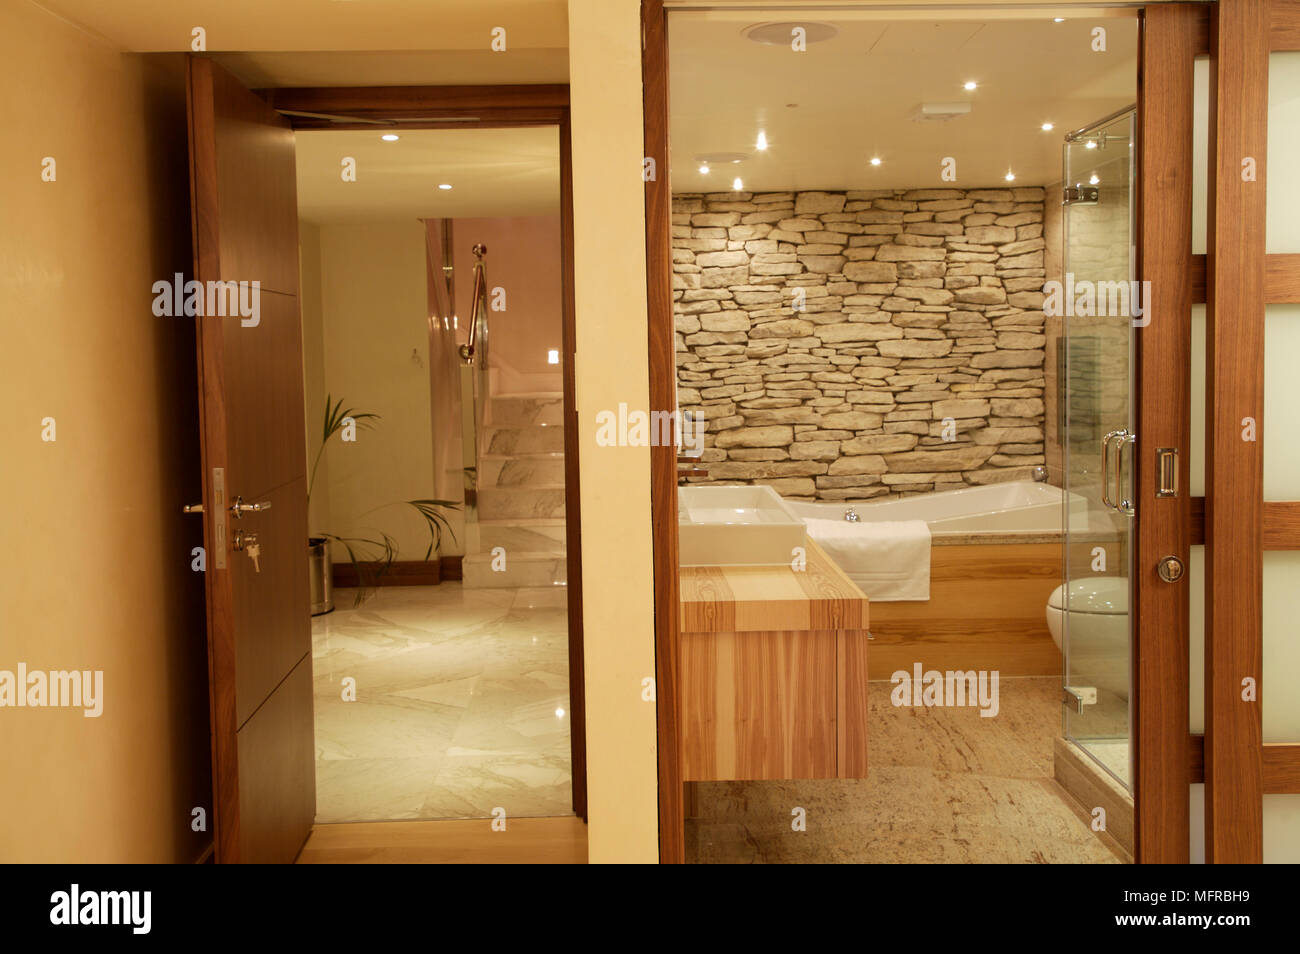 Cuarto de ba o con paredes de piedra expuesta y desnuda de - Banos con paredes de piedra ...